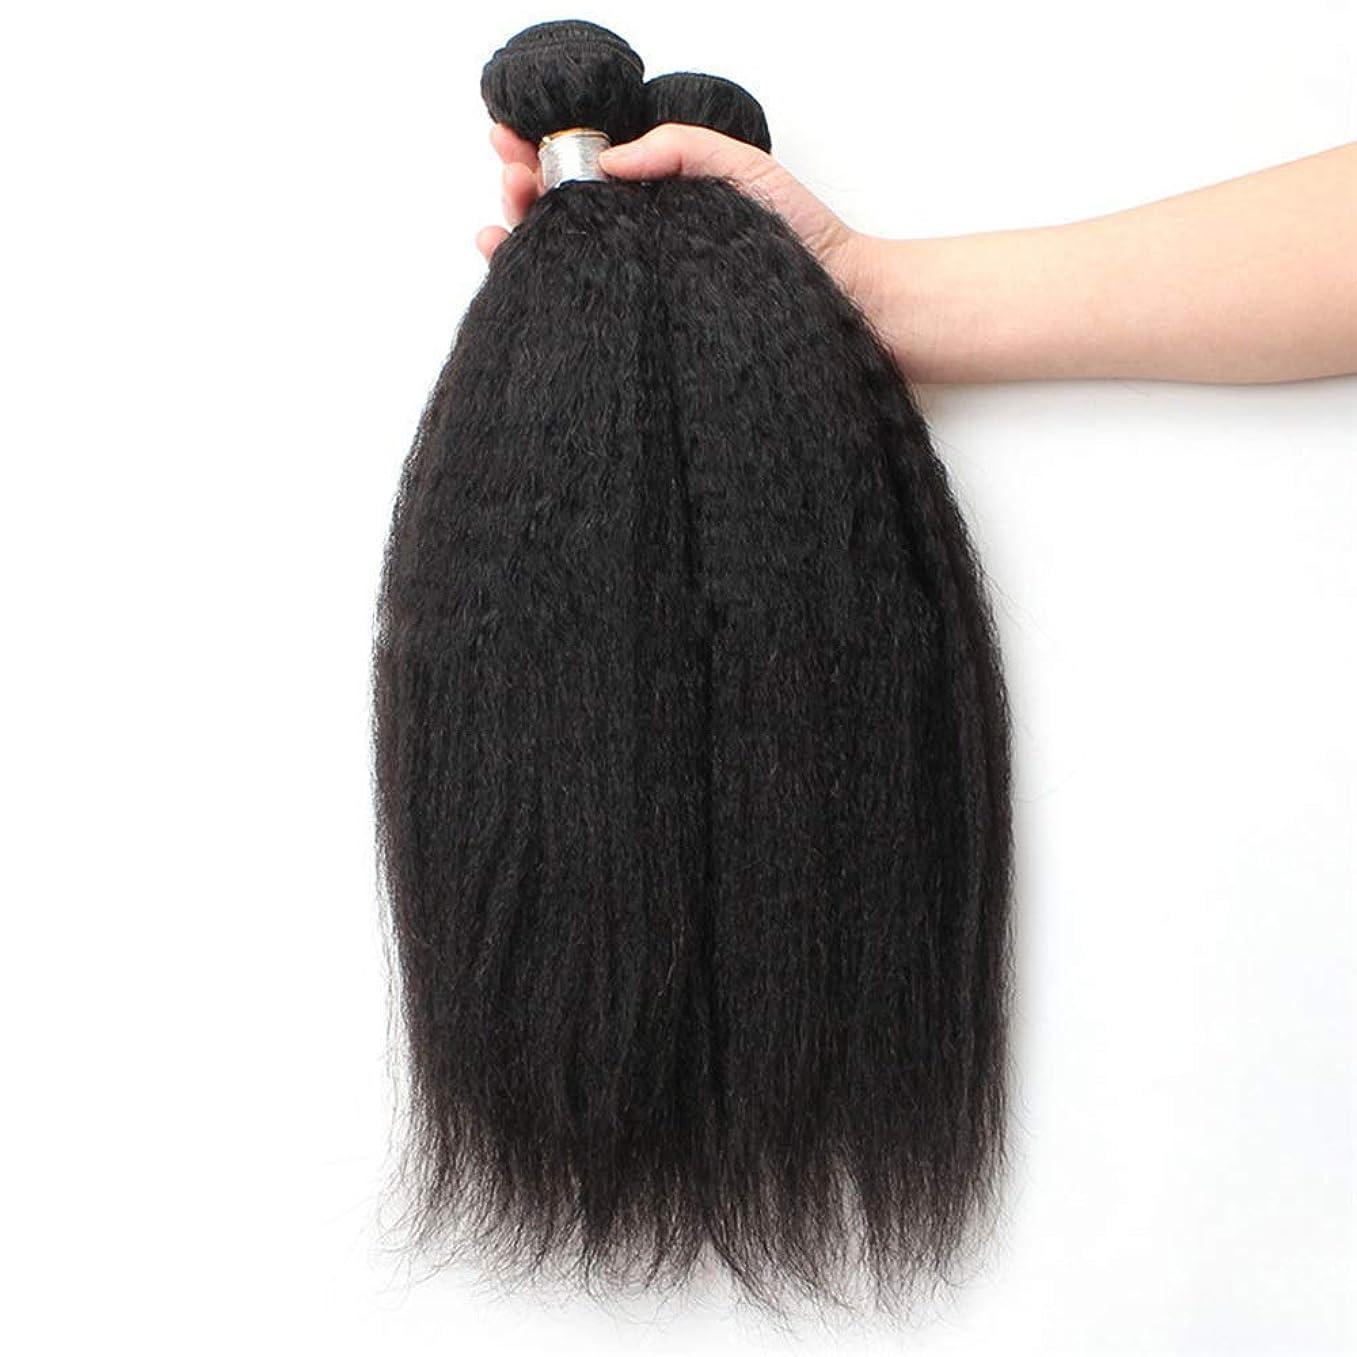 稚魚森林星YESONEEP 9Aブラジル人変態ストレート人間の髪1バンドル焼きストレートヘア100%未処理の人間の毛髪延長ナチュラルブラックカラー複合毛レースのかつらロールプレイングかつらストレートシリンダーショートスタイル女性自然 (色 : 黒, サイズ : 26 inch)